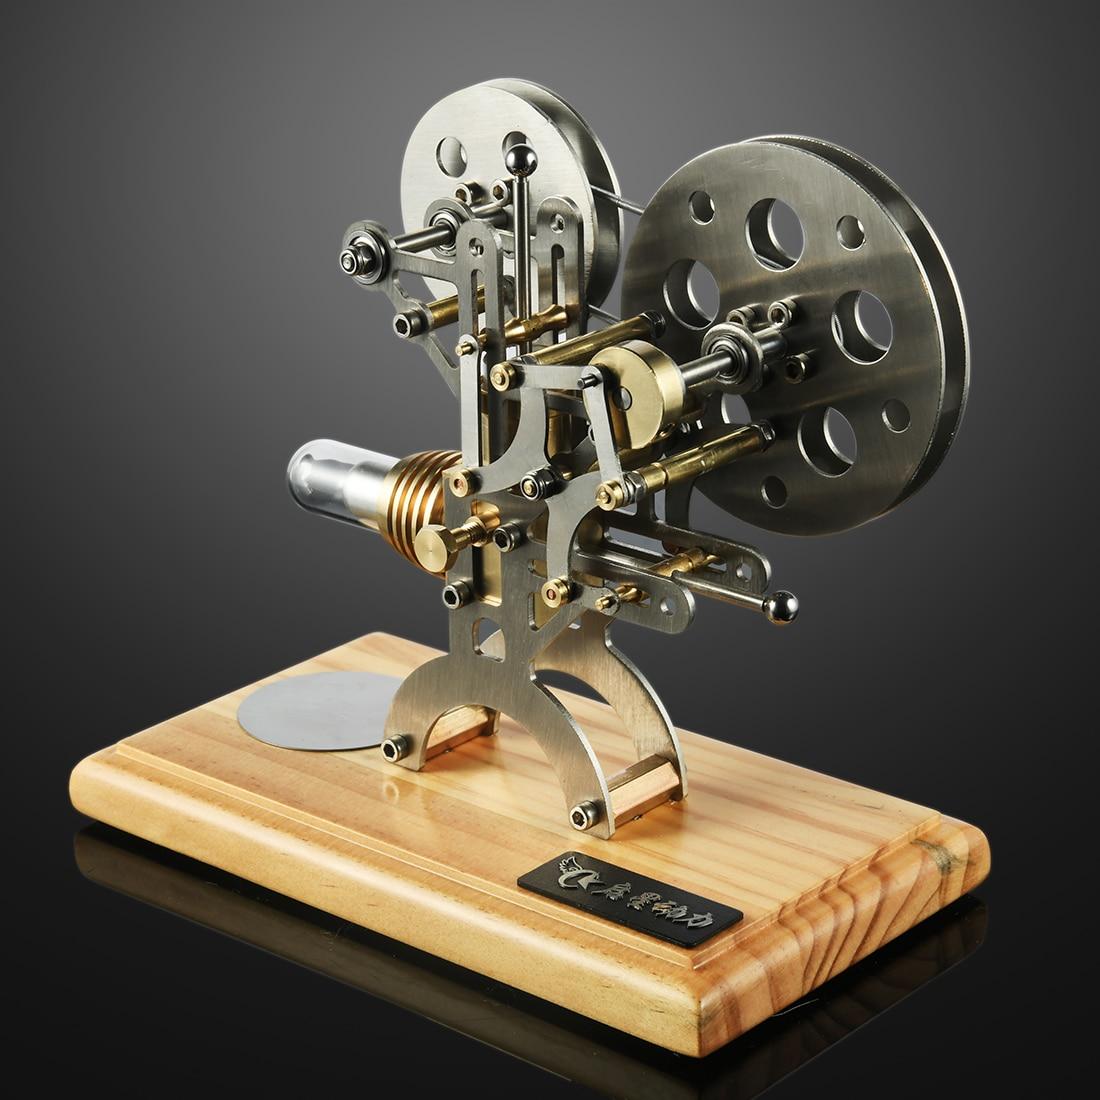 Retro Stirlingmotor Motor Externe Verbrandingsmotor Wetenschap Educatief Model Decoratie Soild Houten Basis-in Modelbouwen Kits van Speelgoed & Hobbies op  Groep 3